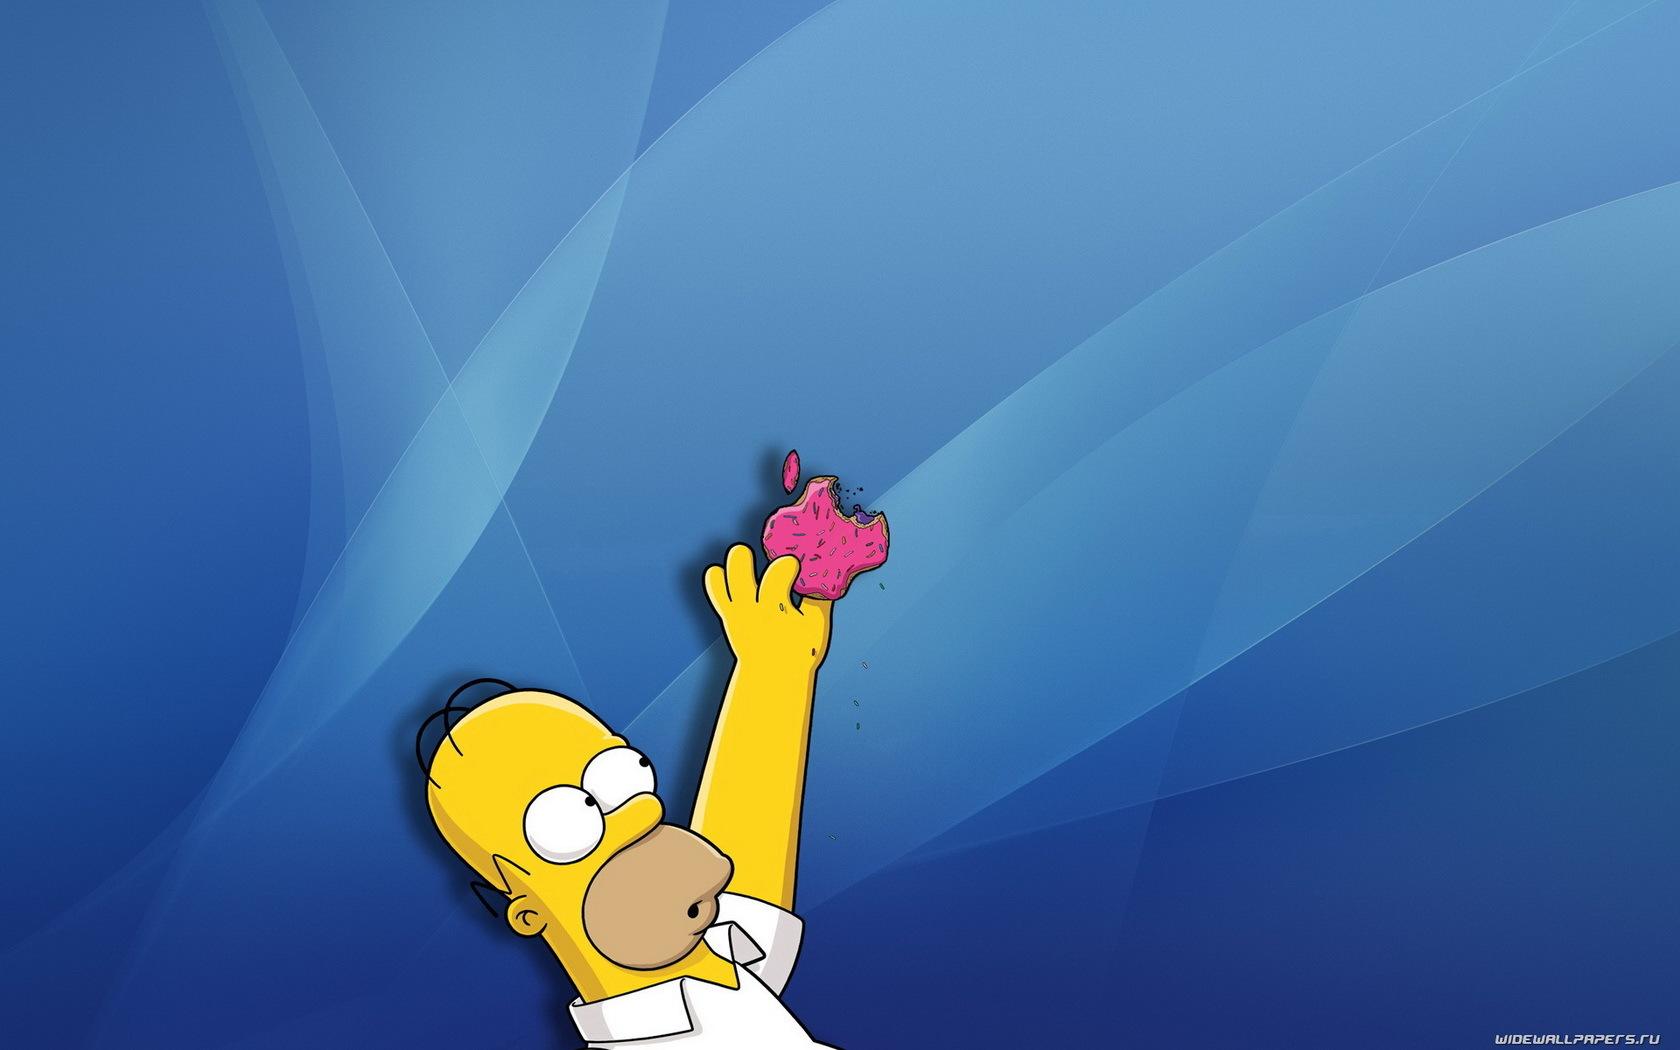 66 Hintergrundbild herunterladen Marken, Humor, Logos, Apple-, Homer Simpson - Bildschirmschoner und Bilder kostenlos